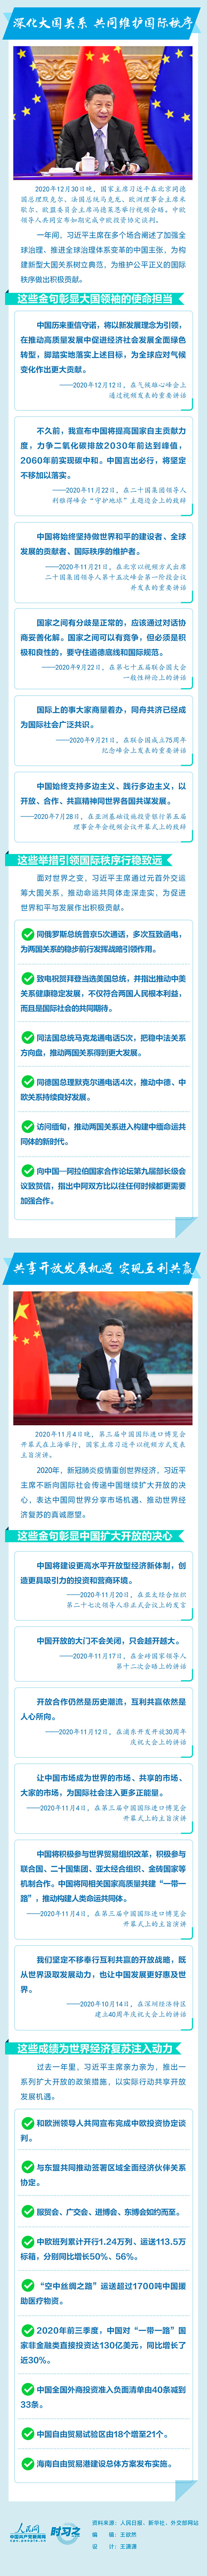 《【恒达娱乐总代理】2020年,习近平以元首外交展现大国领袖的视野和担当》